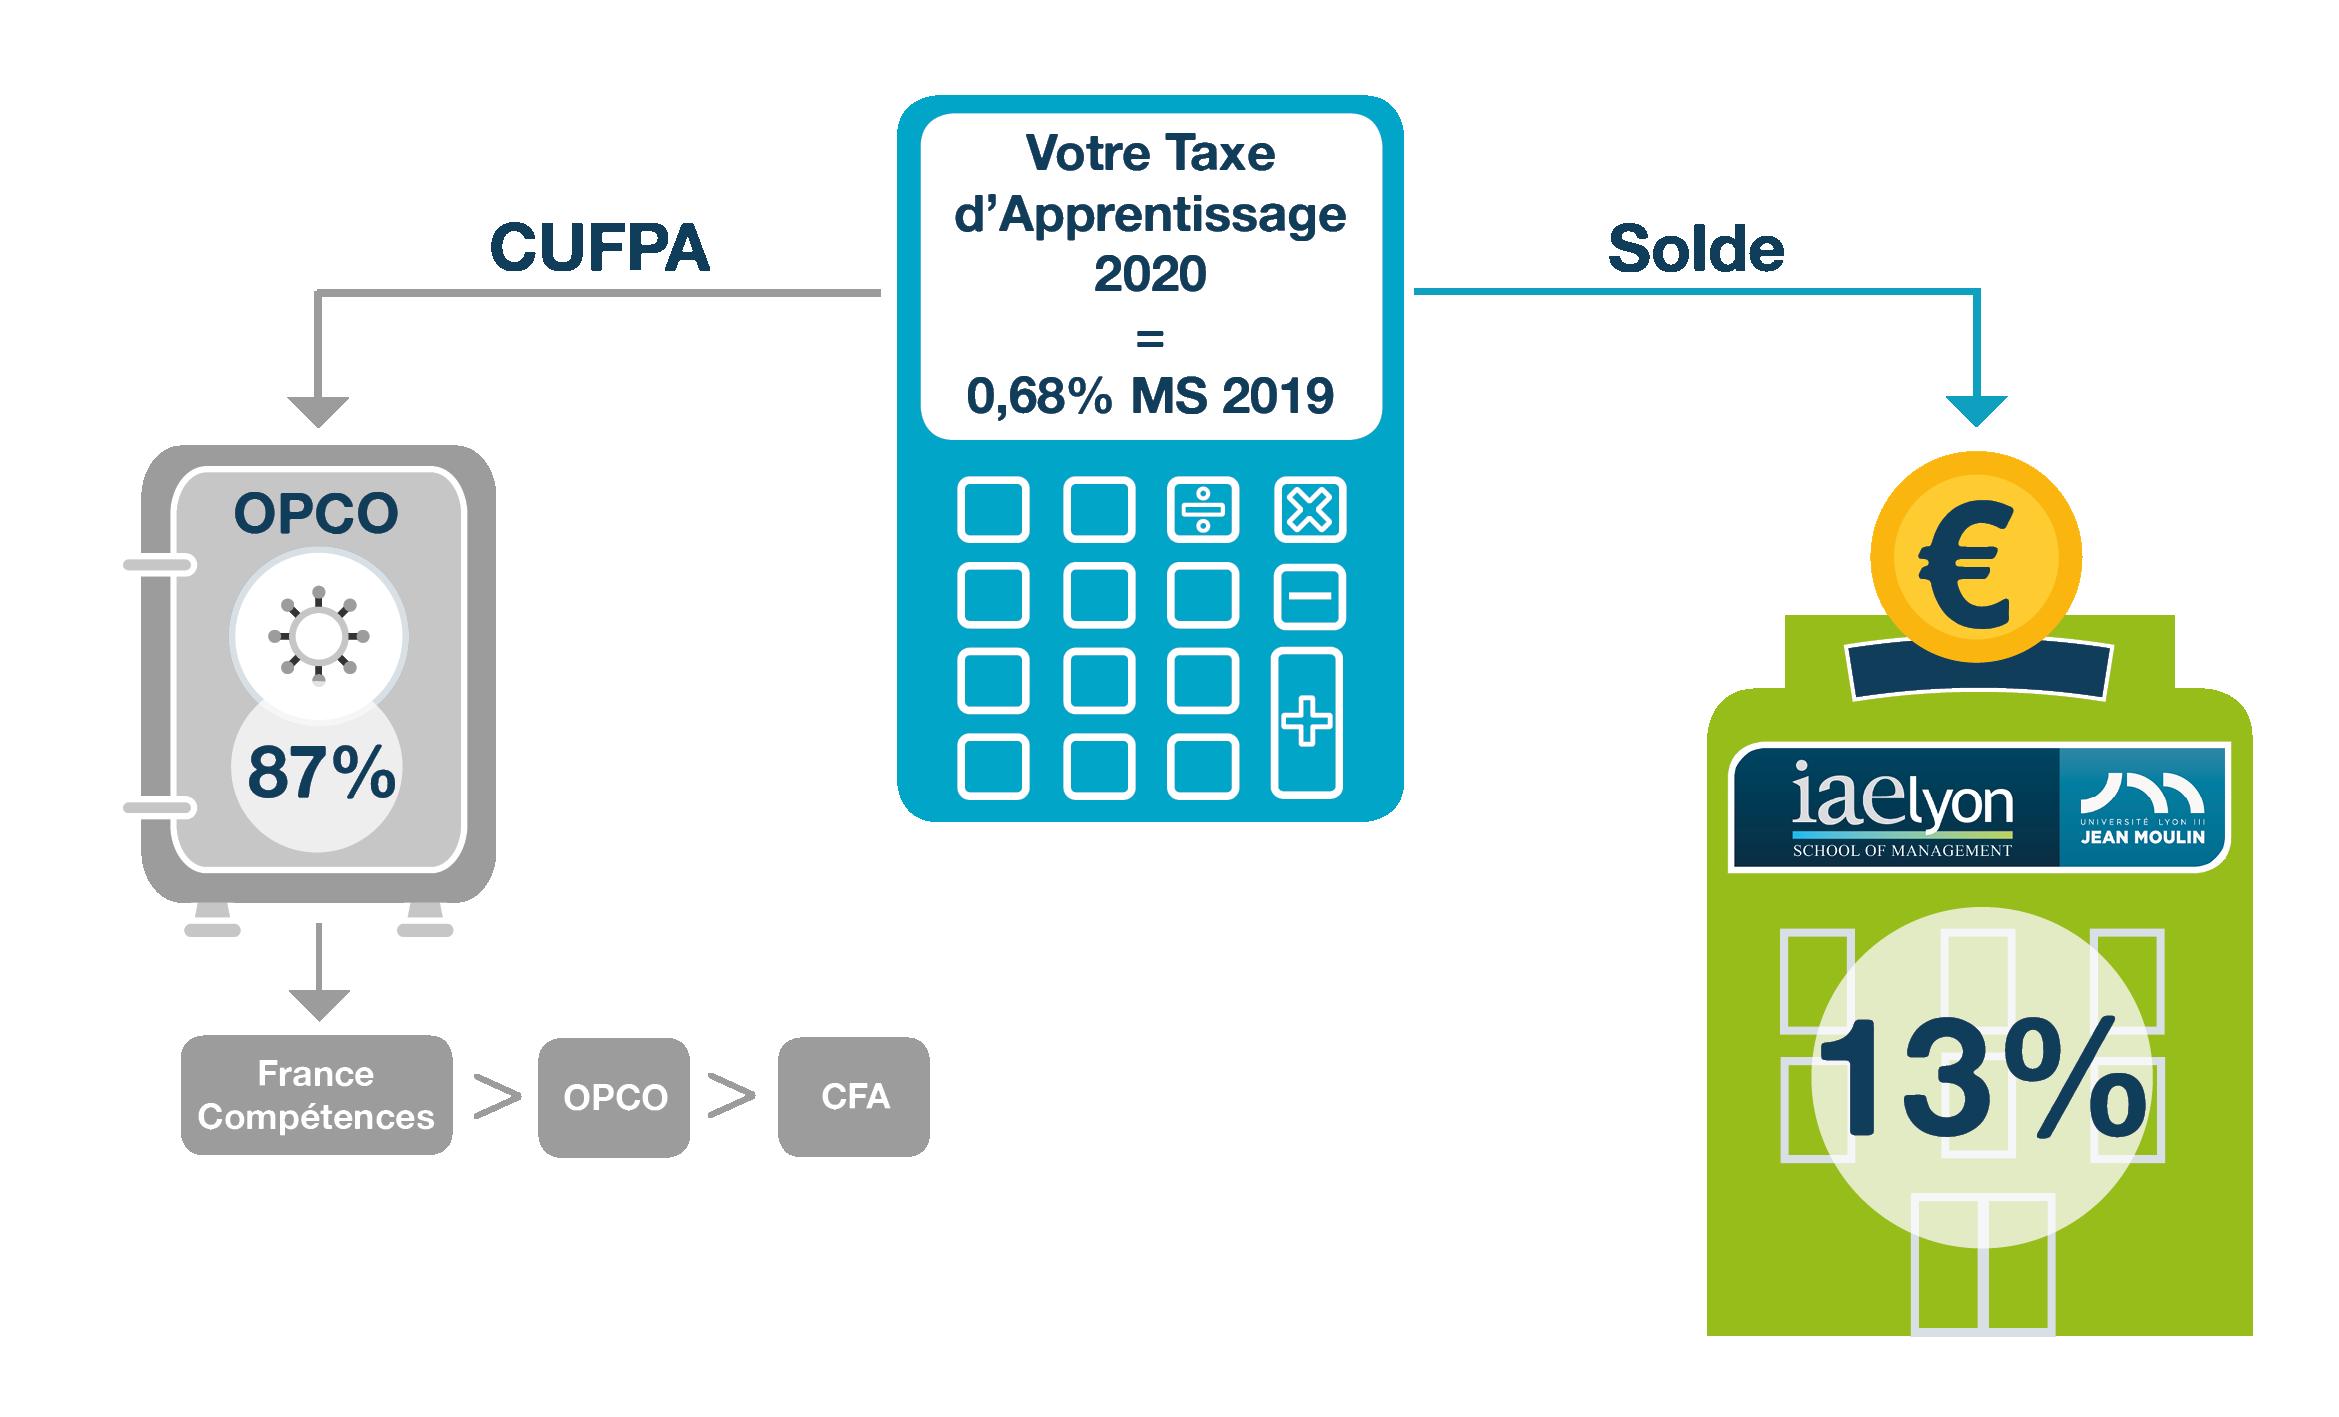 schéma taxe apprentissage 2020